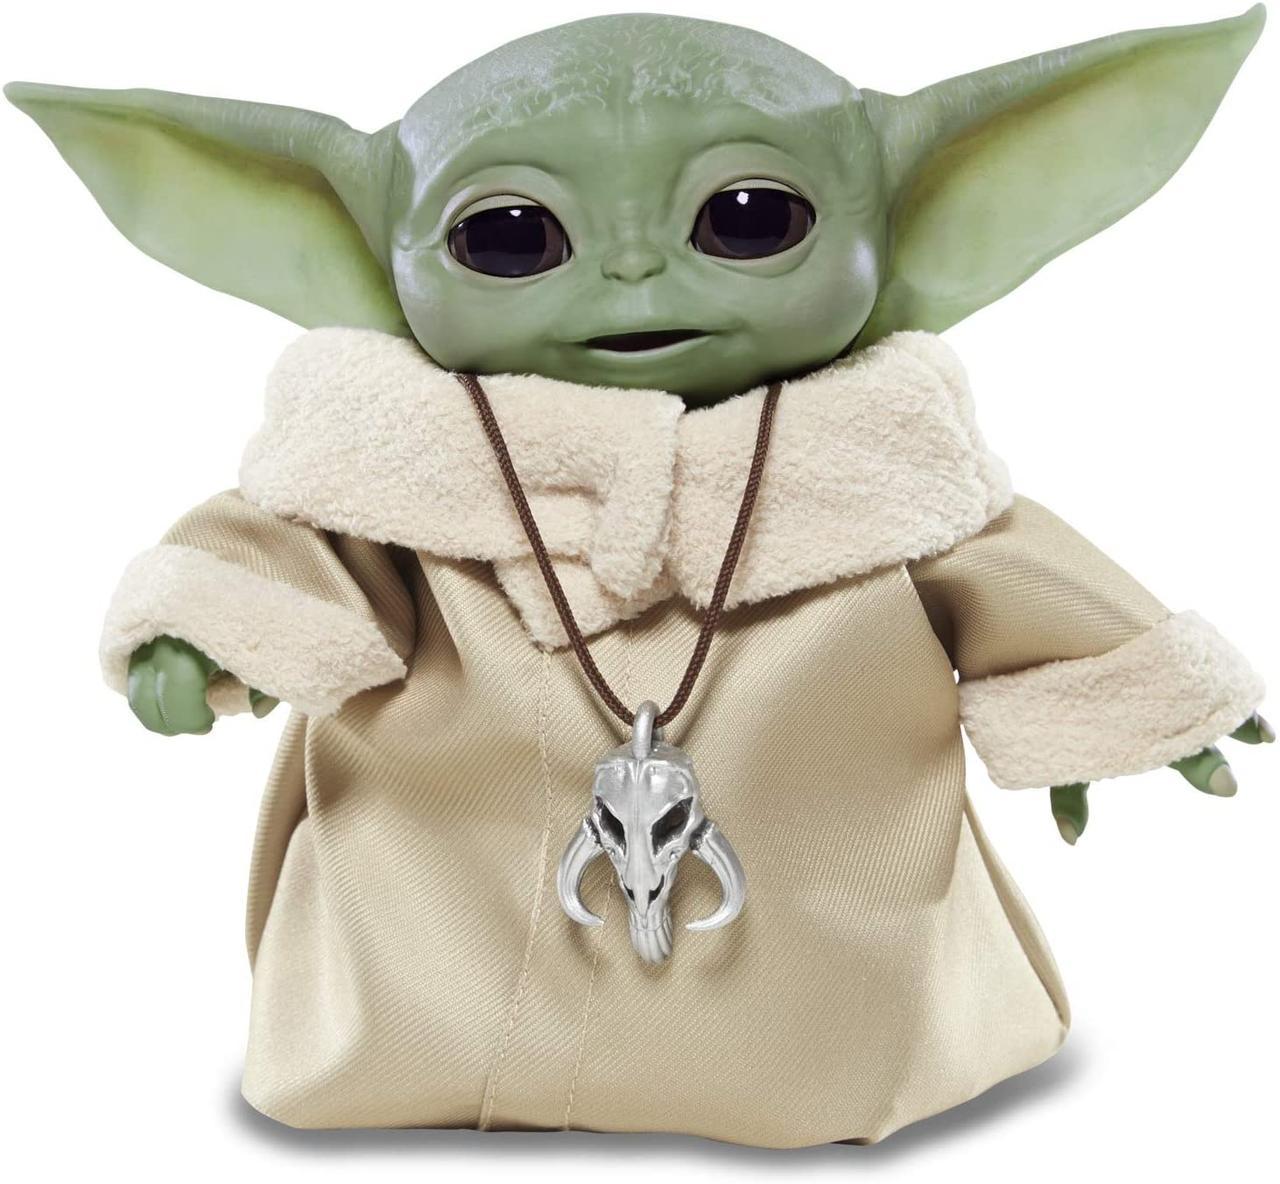 Інтерактивний Малюк Йоду 19 см Star Wars The Child Talking Plush Toy Зоряні Війни Мандалорец Оригінал з США